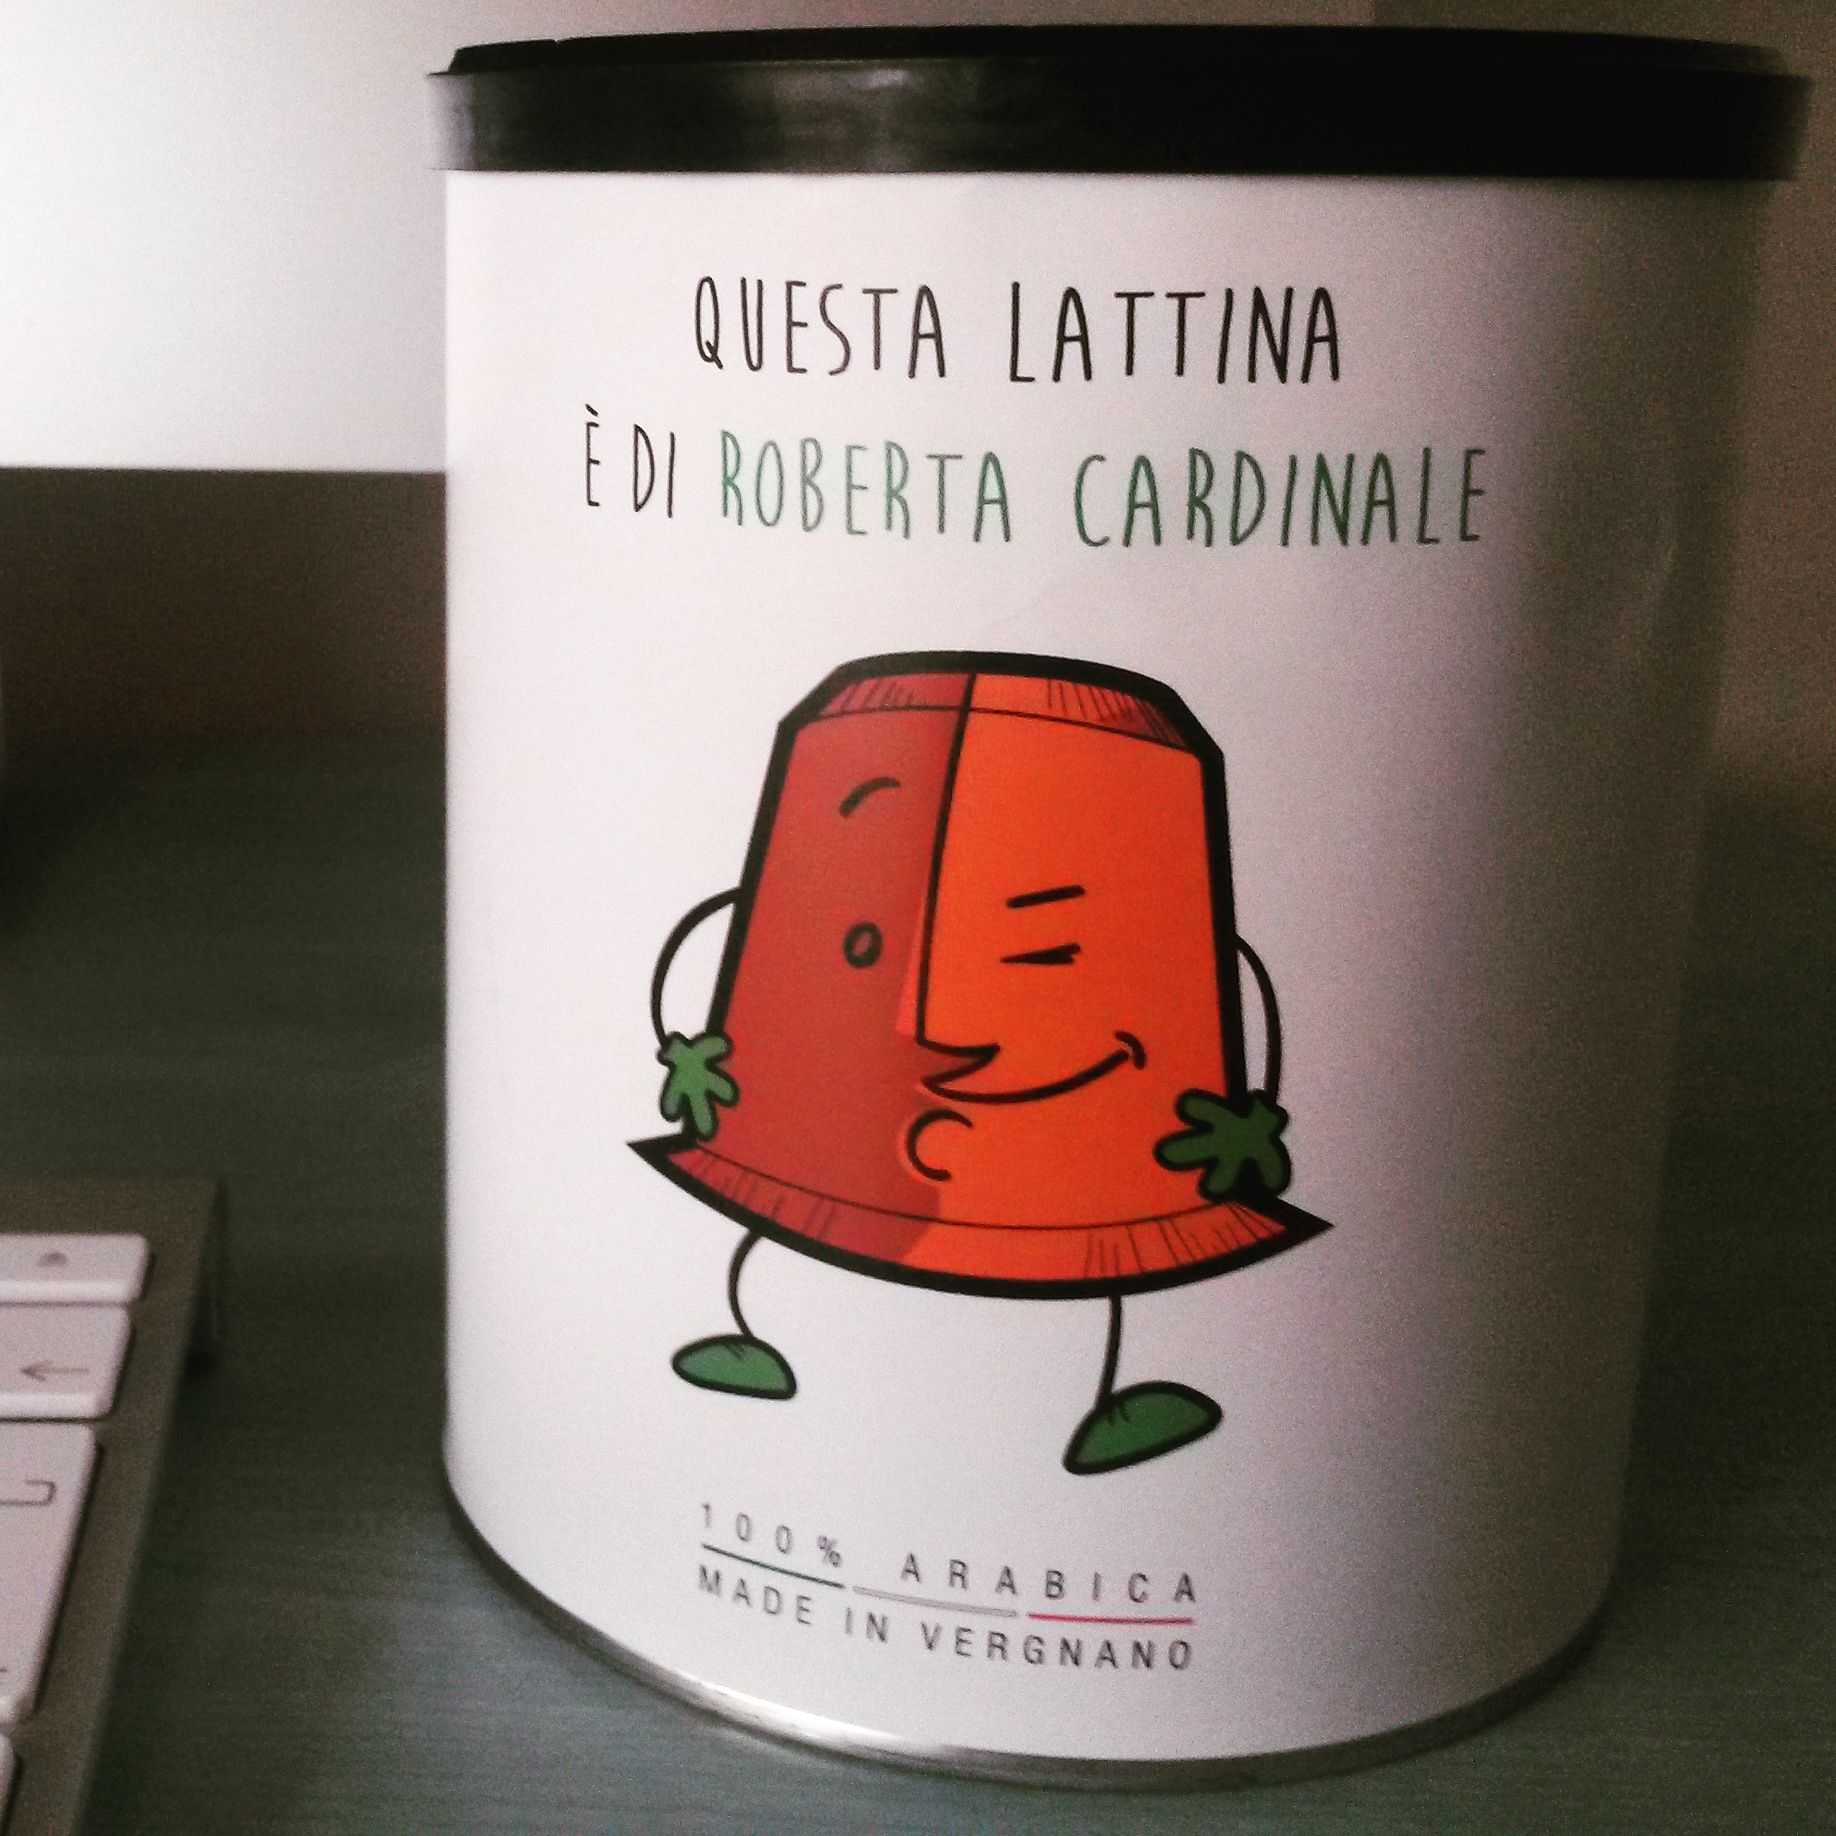 Cindy, la nuova capsula compostabile di Caffè Vergnano. Lattina personalizzata. #coffee